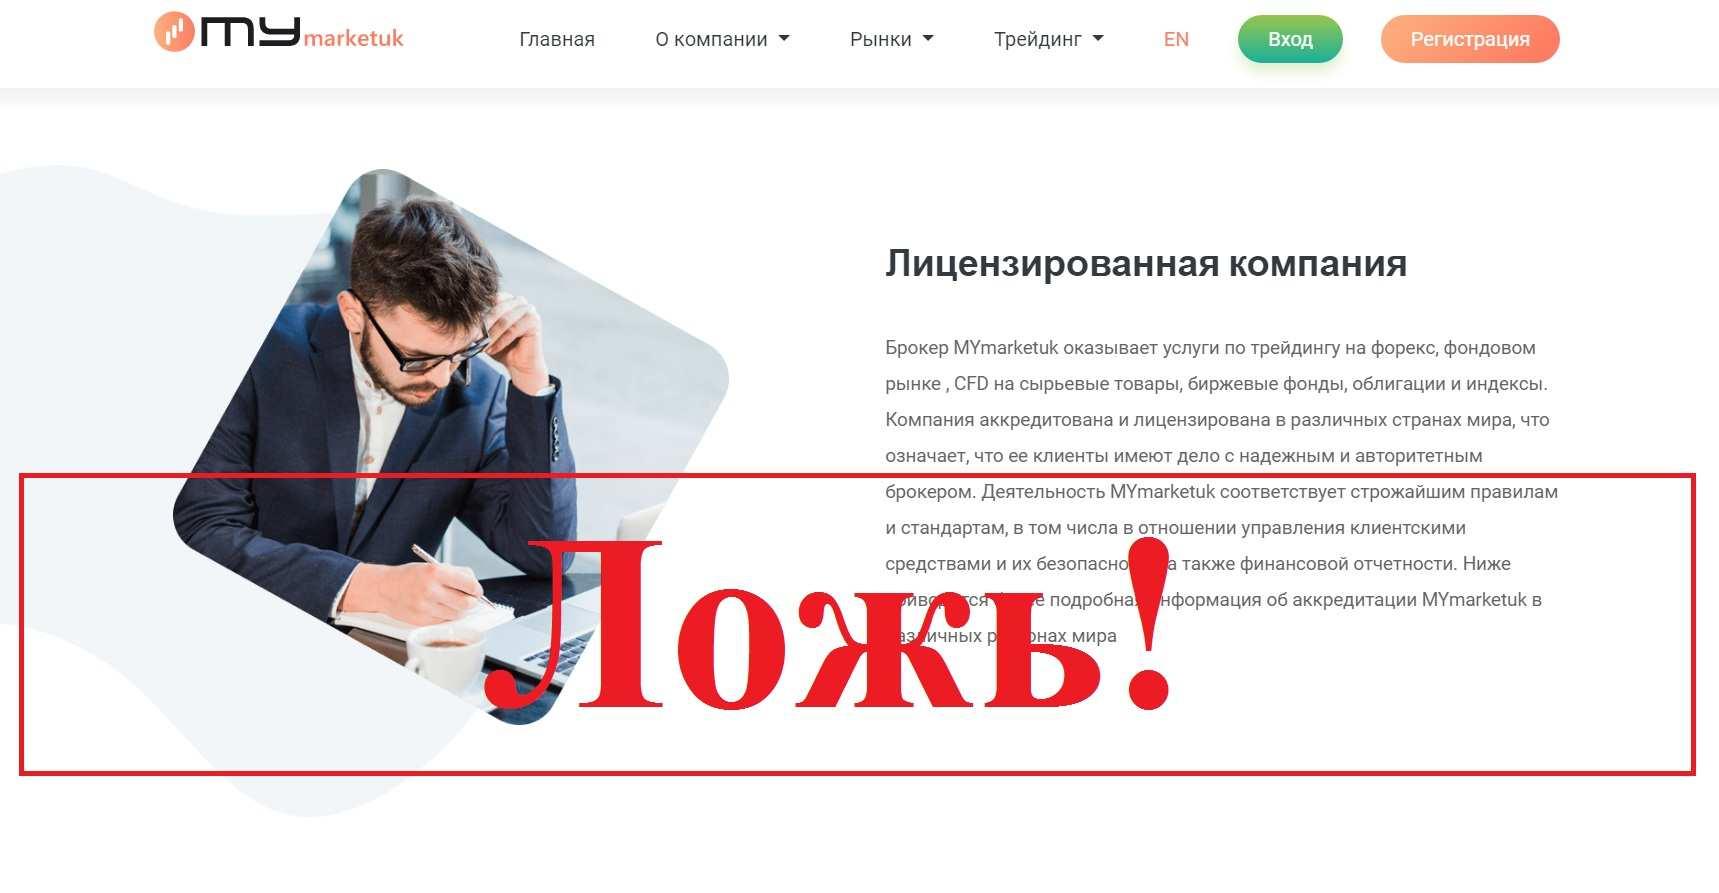 MYmarketuk – реальные отзывы о mymarketuk.com